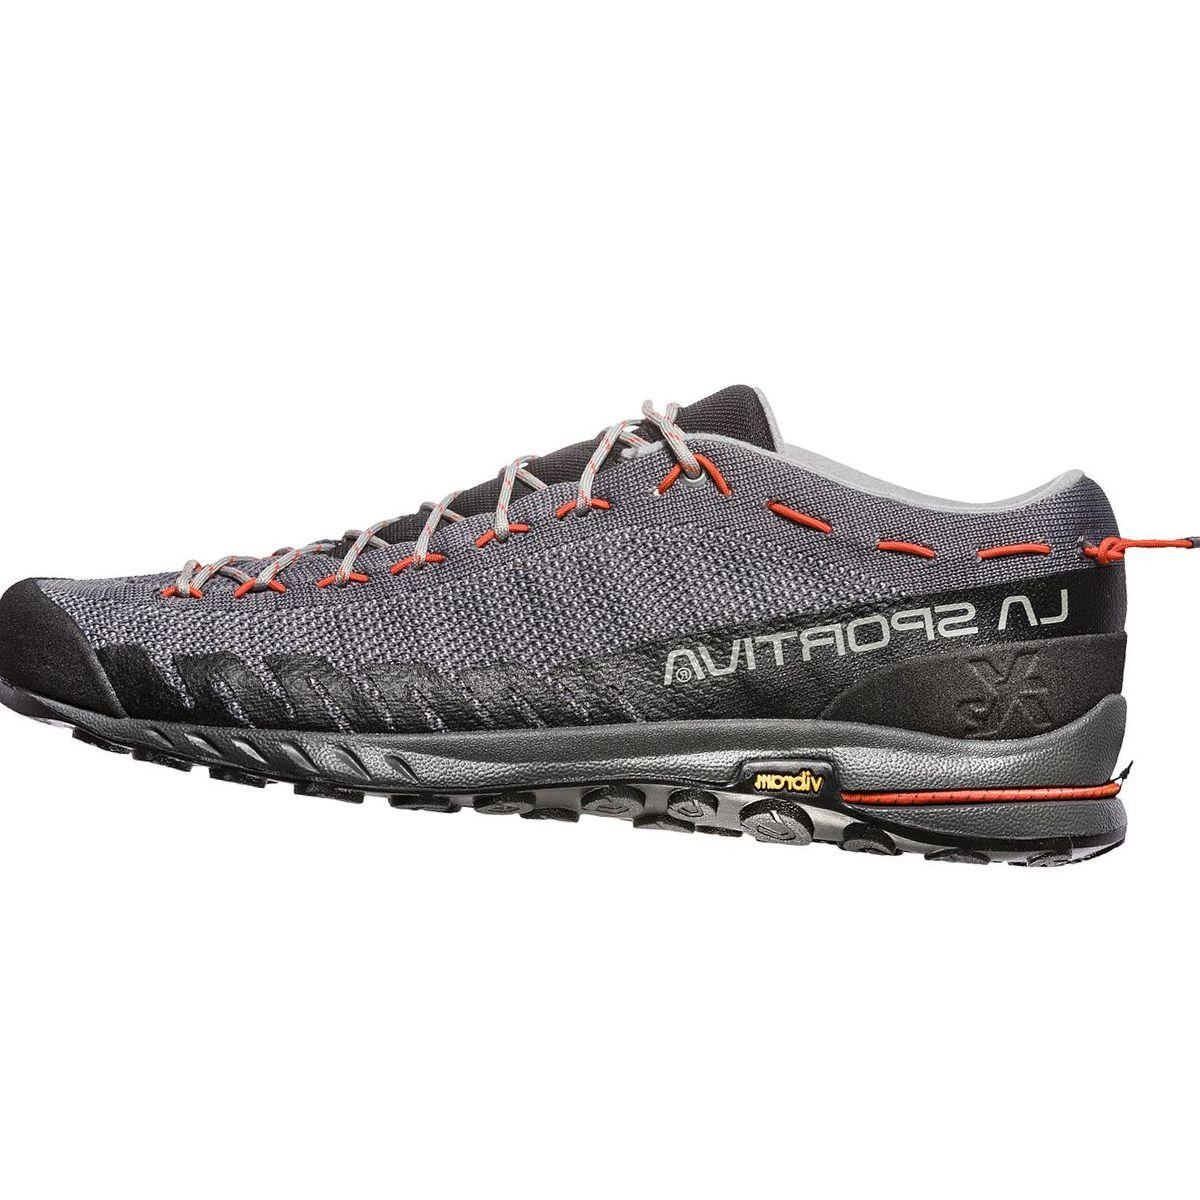 La Sportiva TX2 Approach Shoe - Men's